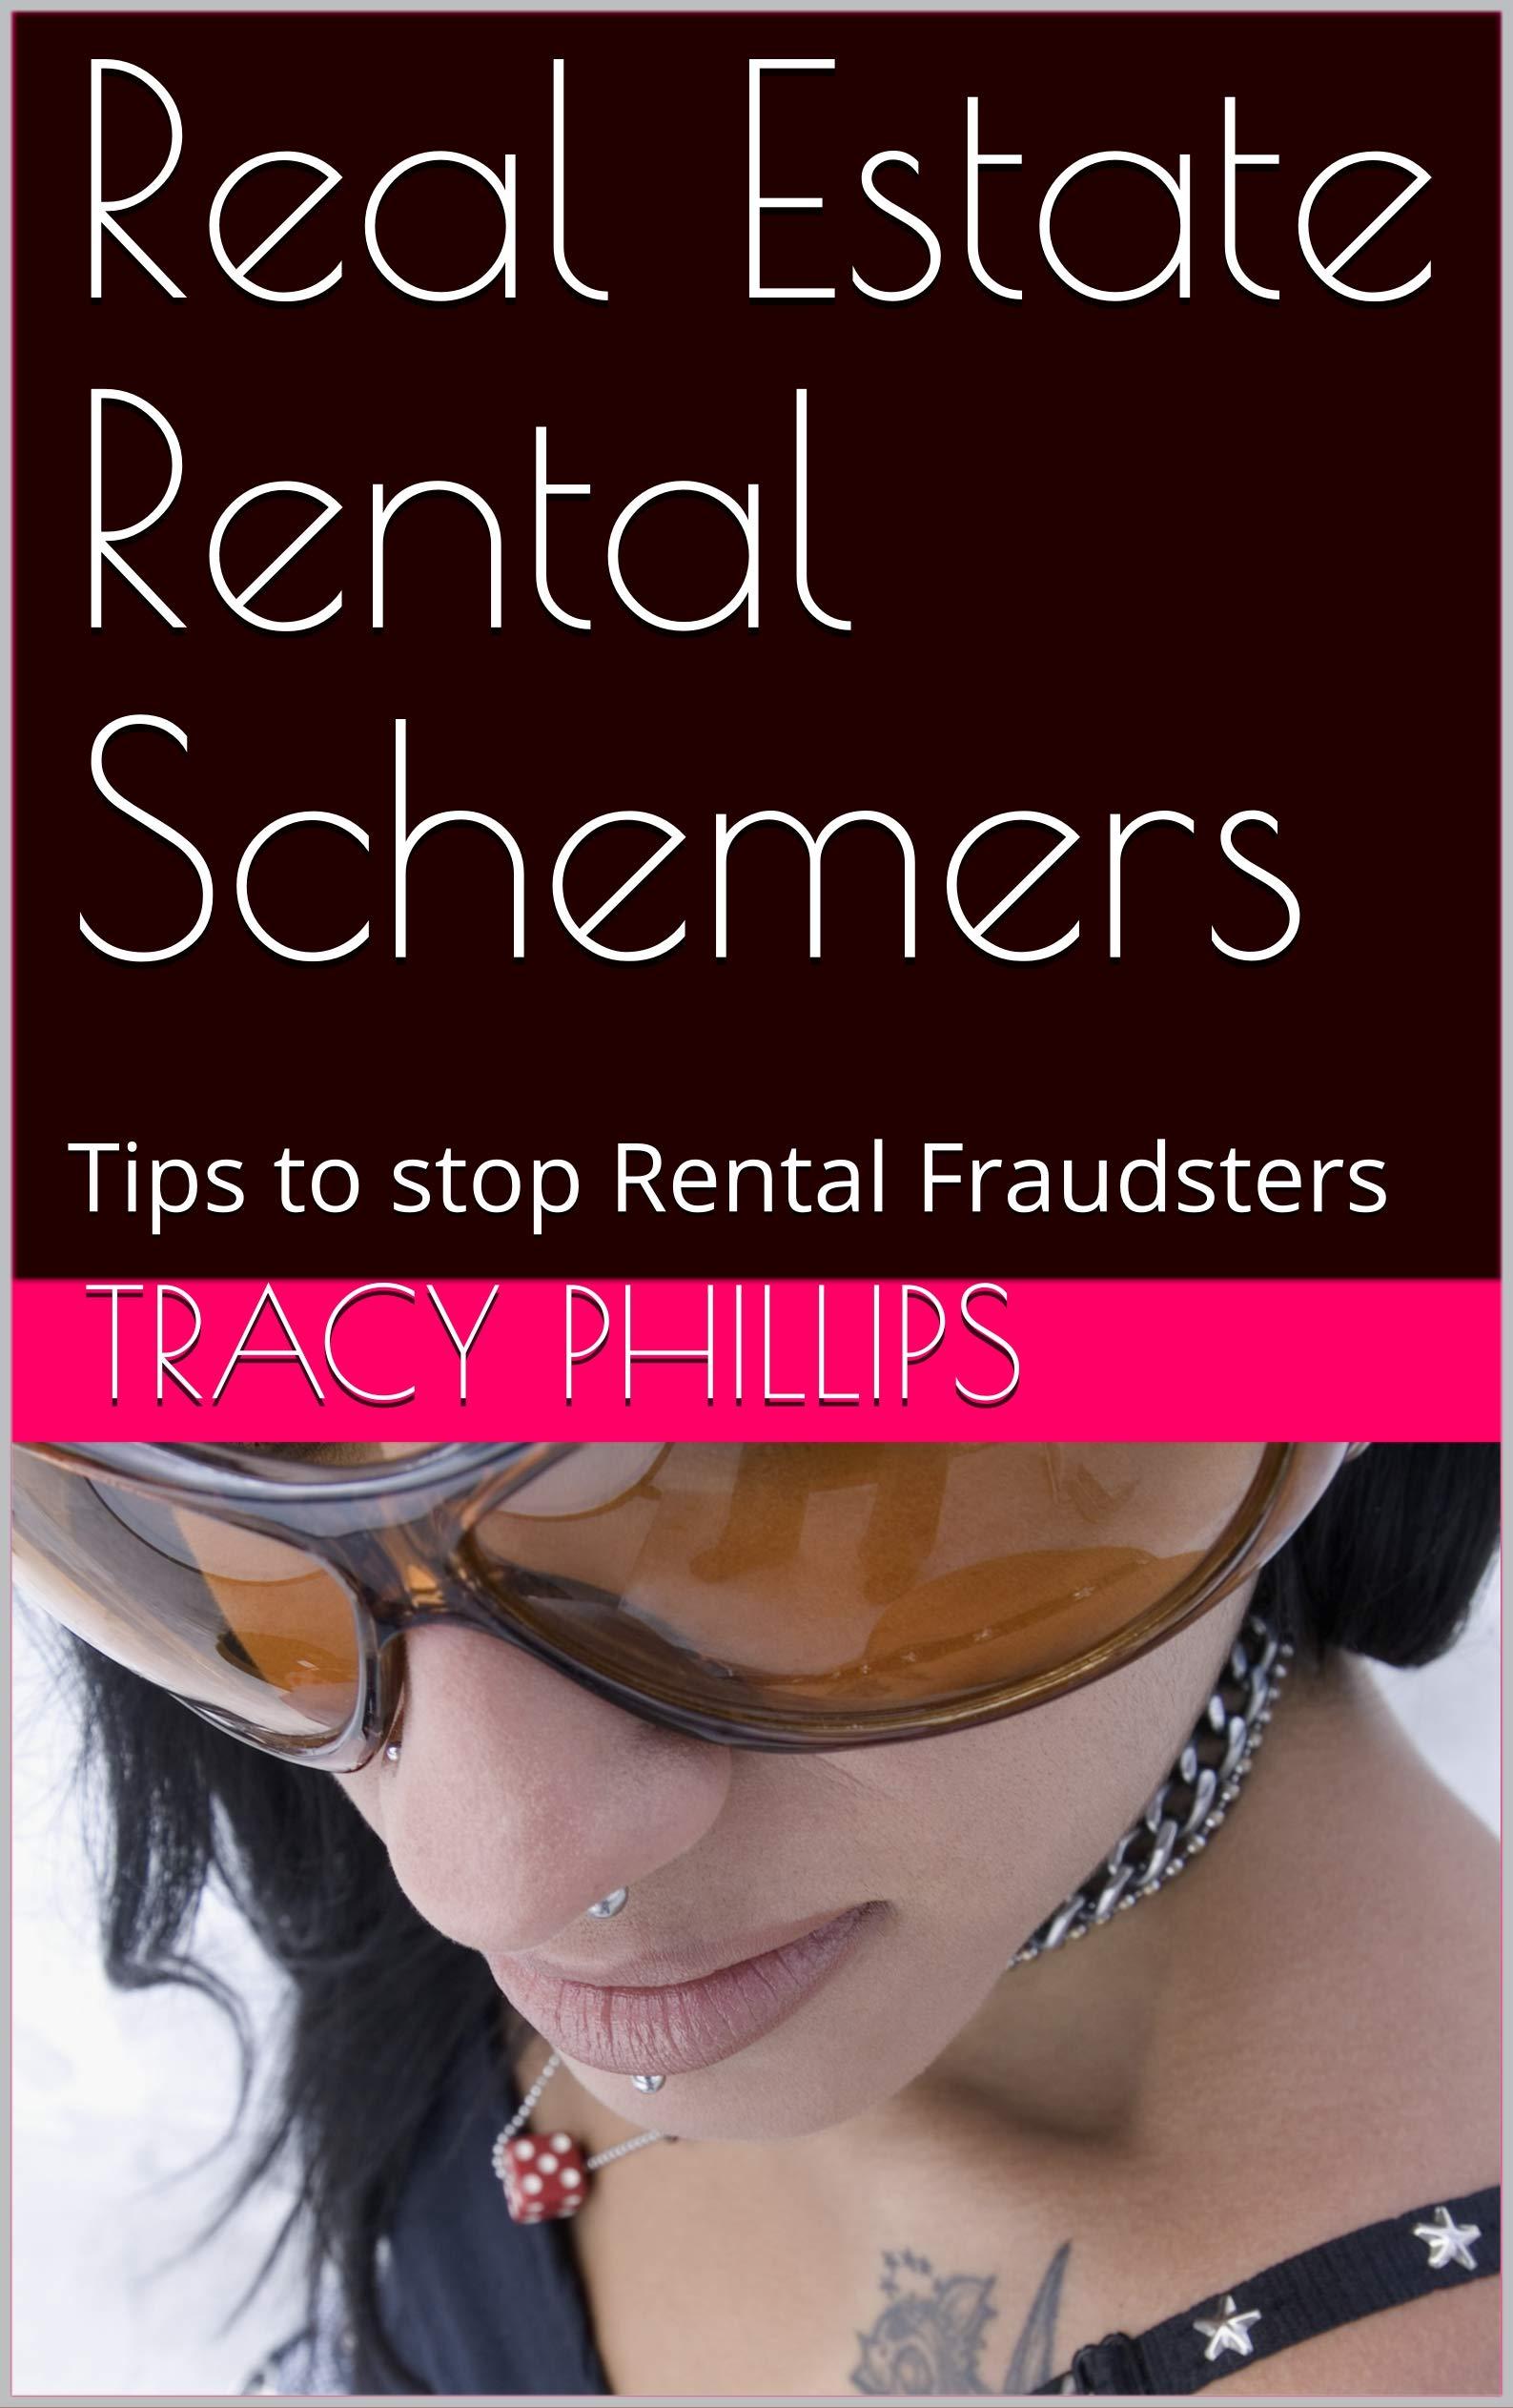 Real Estate Rental Schemers: Tips to stop Rental Fraudsters